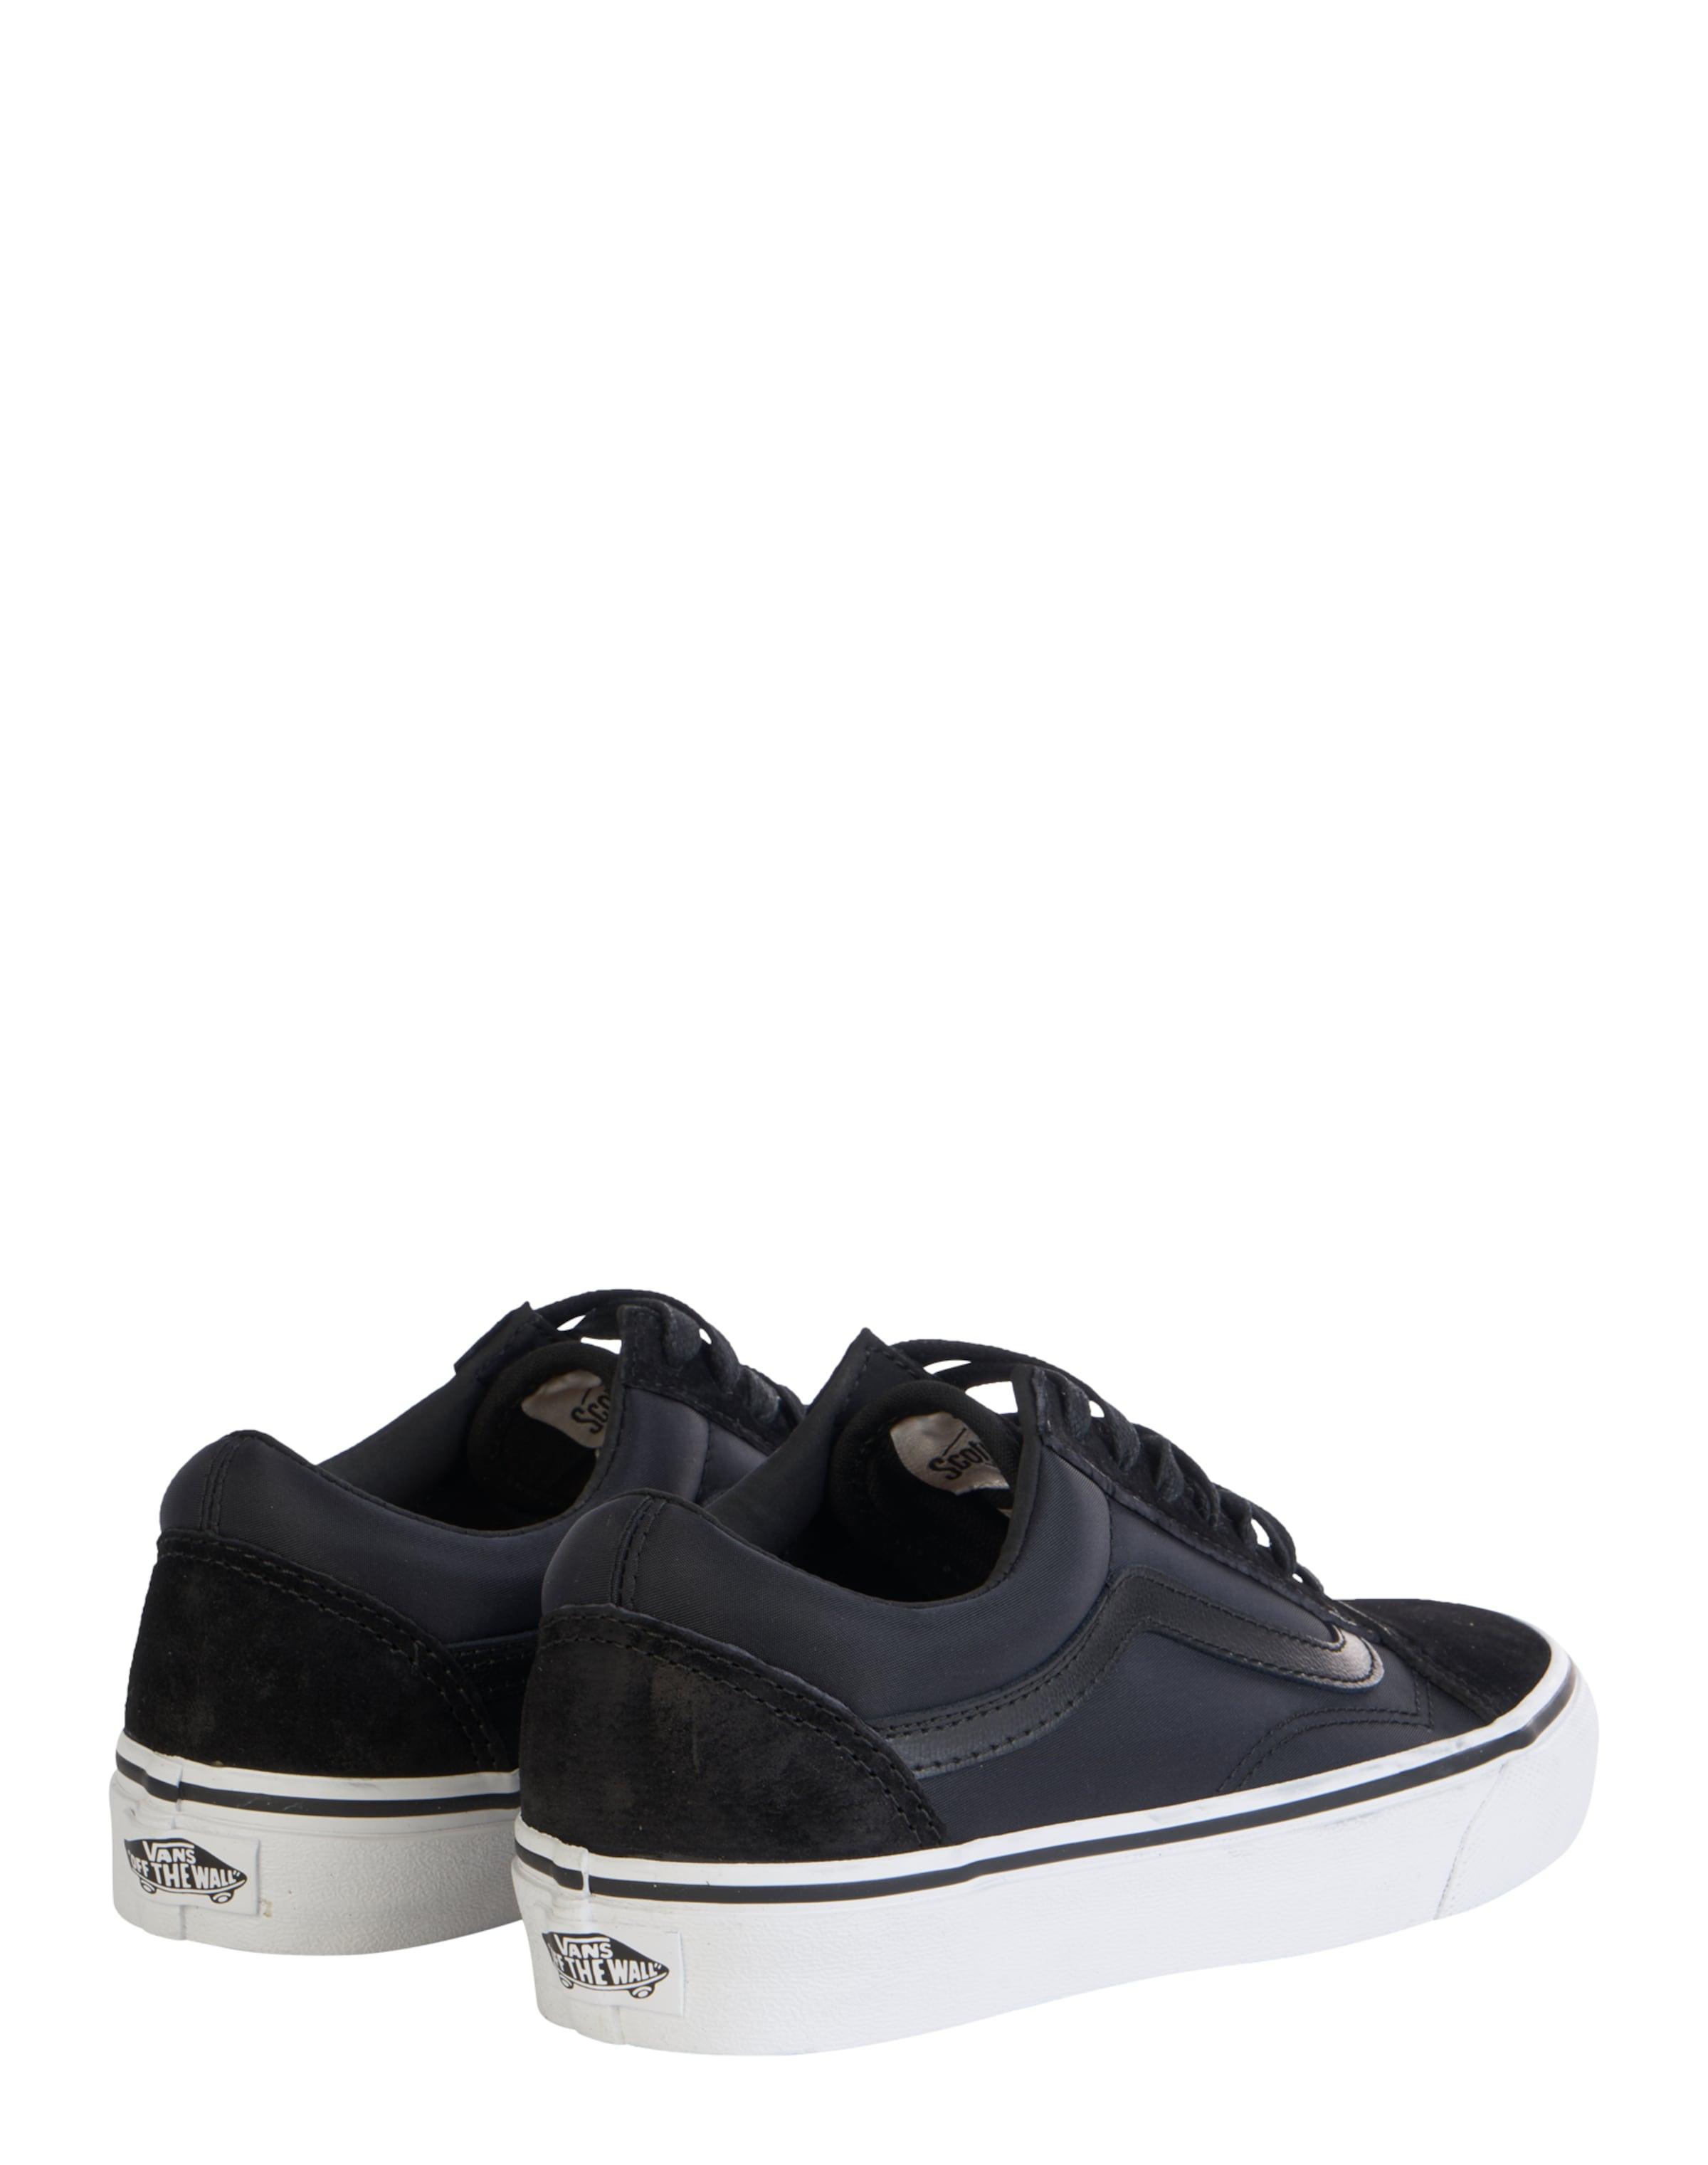 Skool' 'Old Sneaker Sneaker VANS 'Old Skool' Skool' Sneaker VANS 'Old VANS VANS qtwHvAw